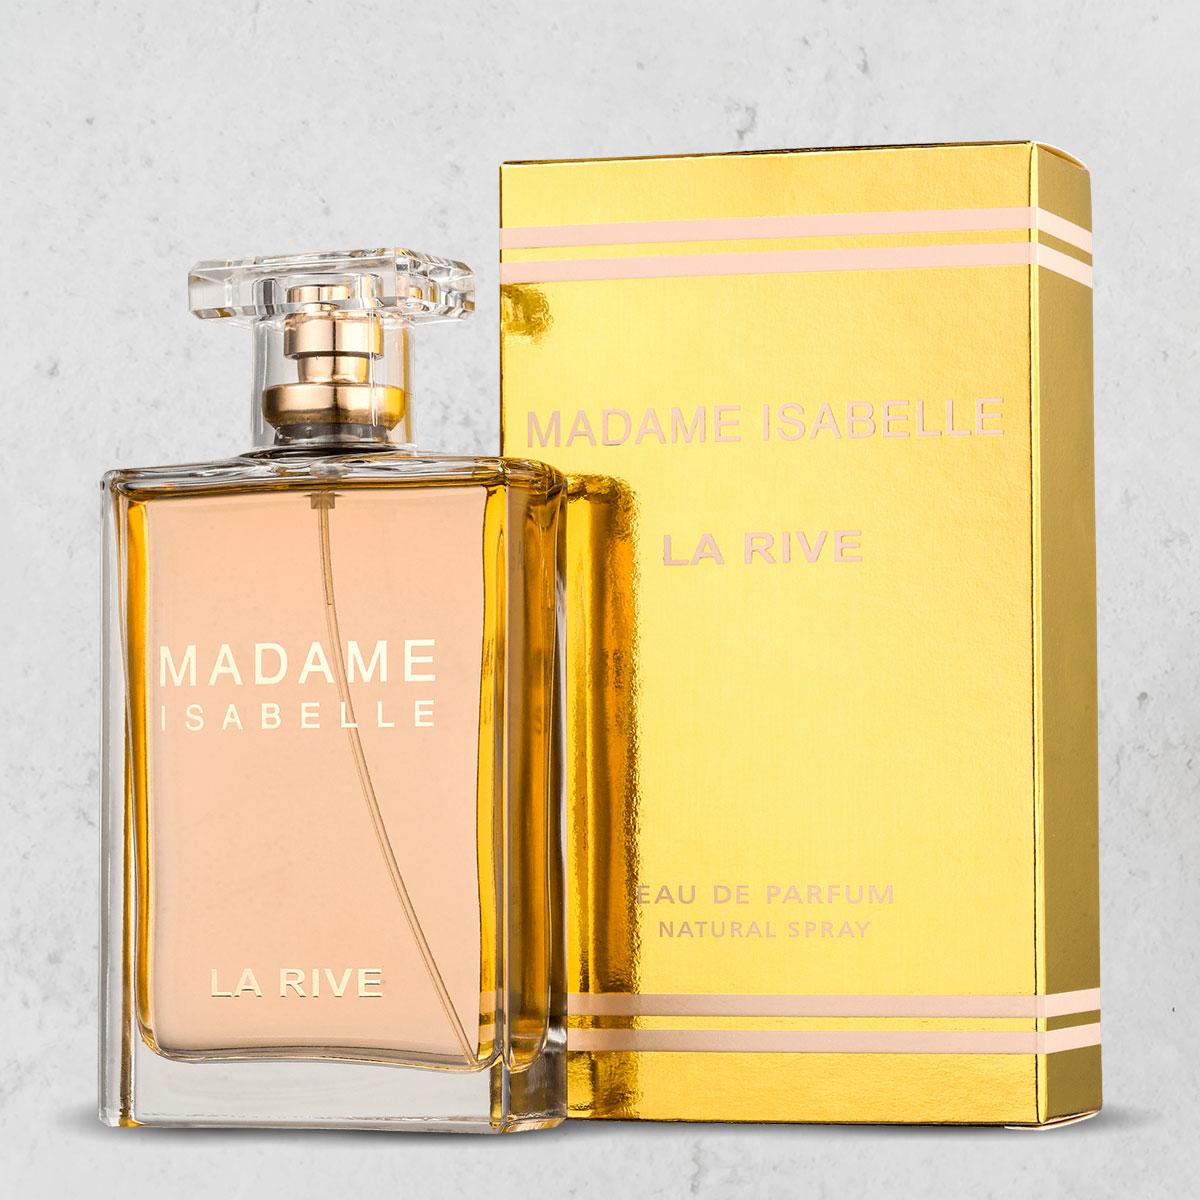 Kit 3 Perfumes Importados Femininos Madame Isabelle La Rive  - Mercari Perfumes